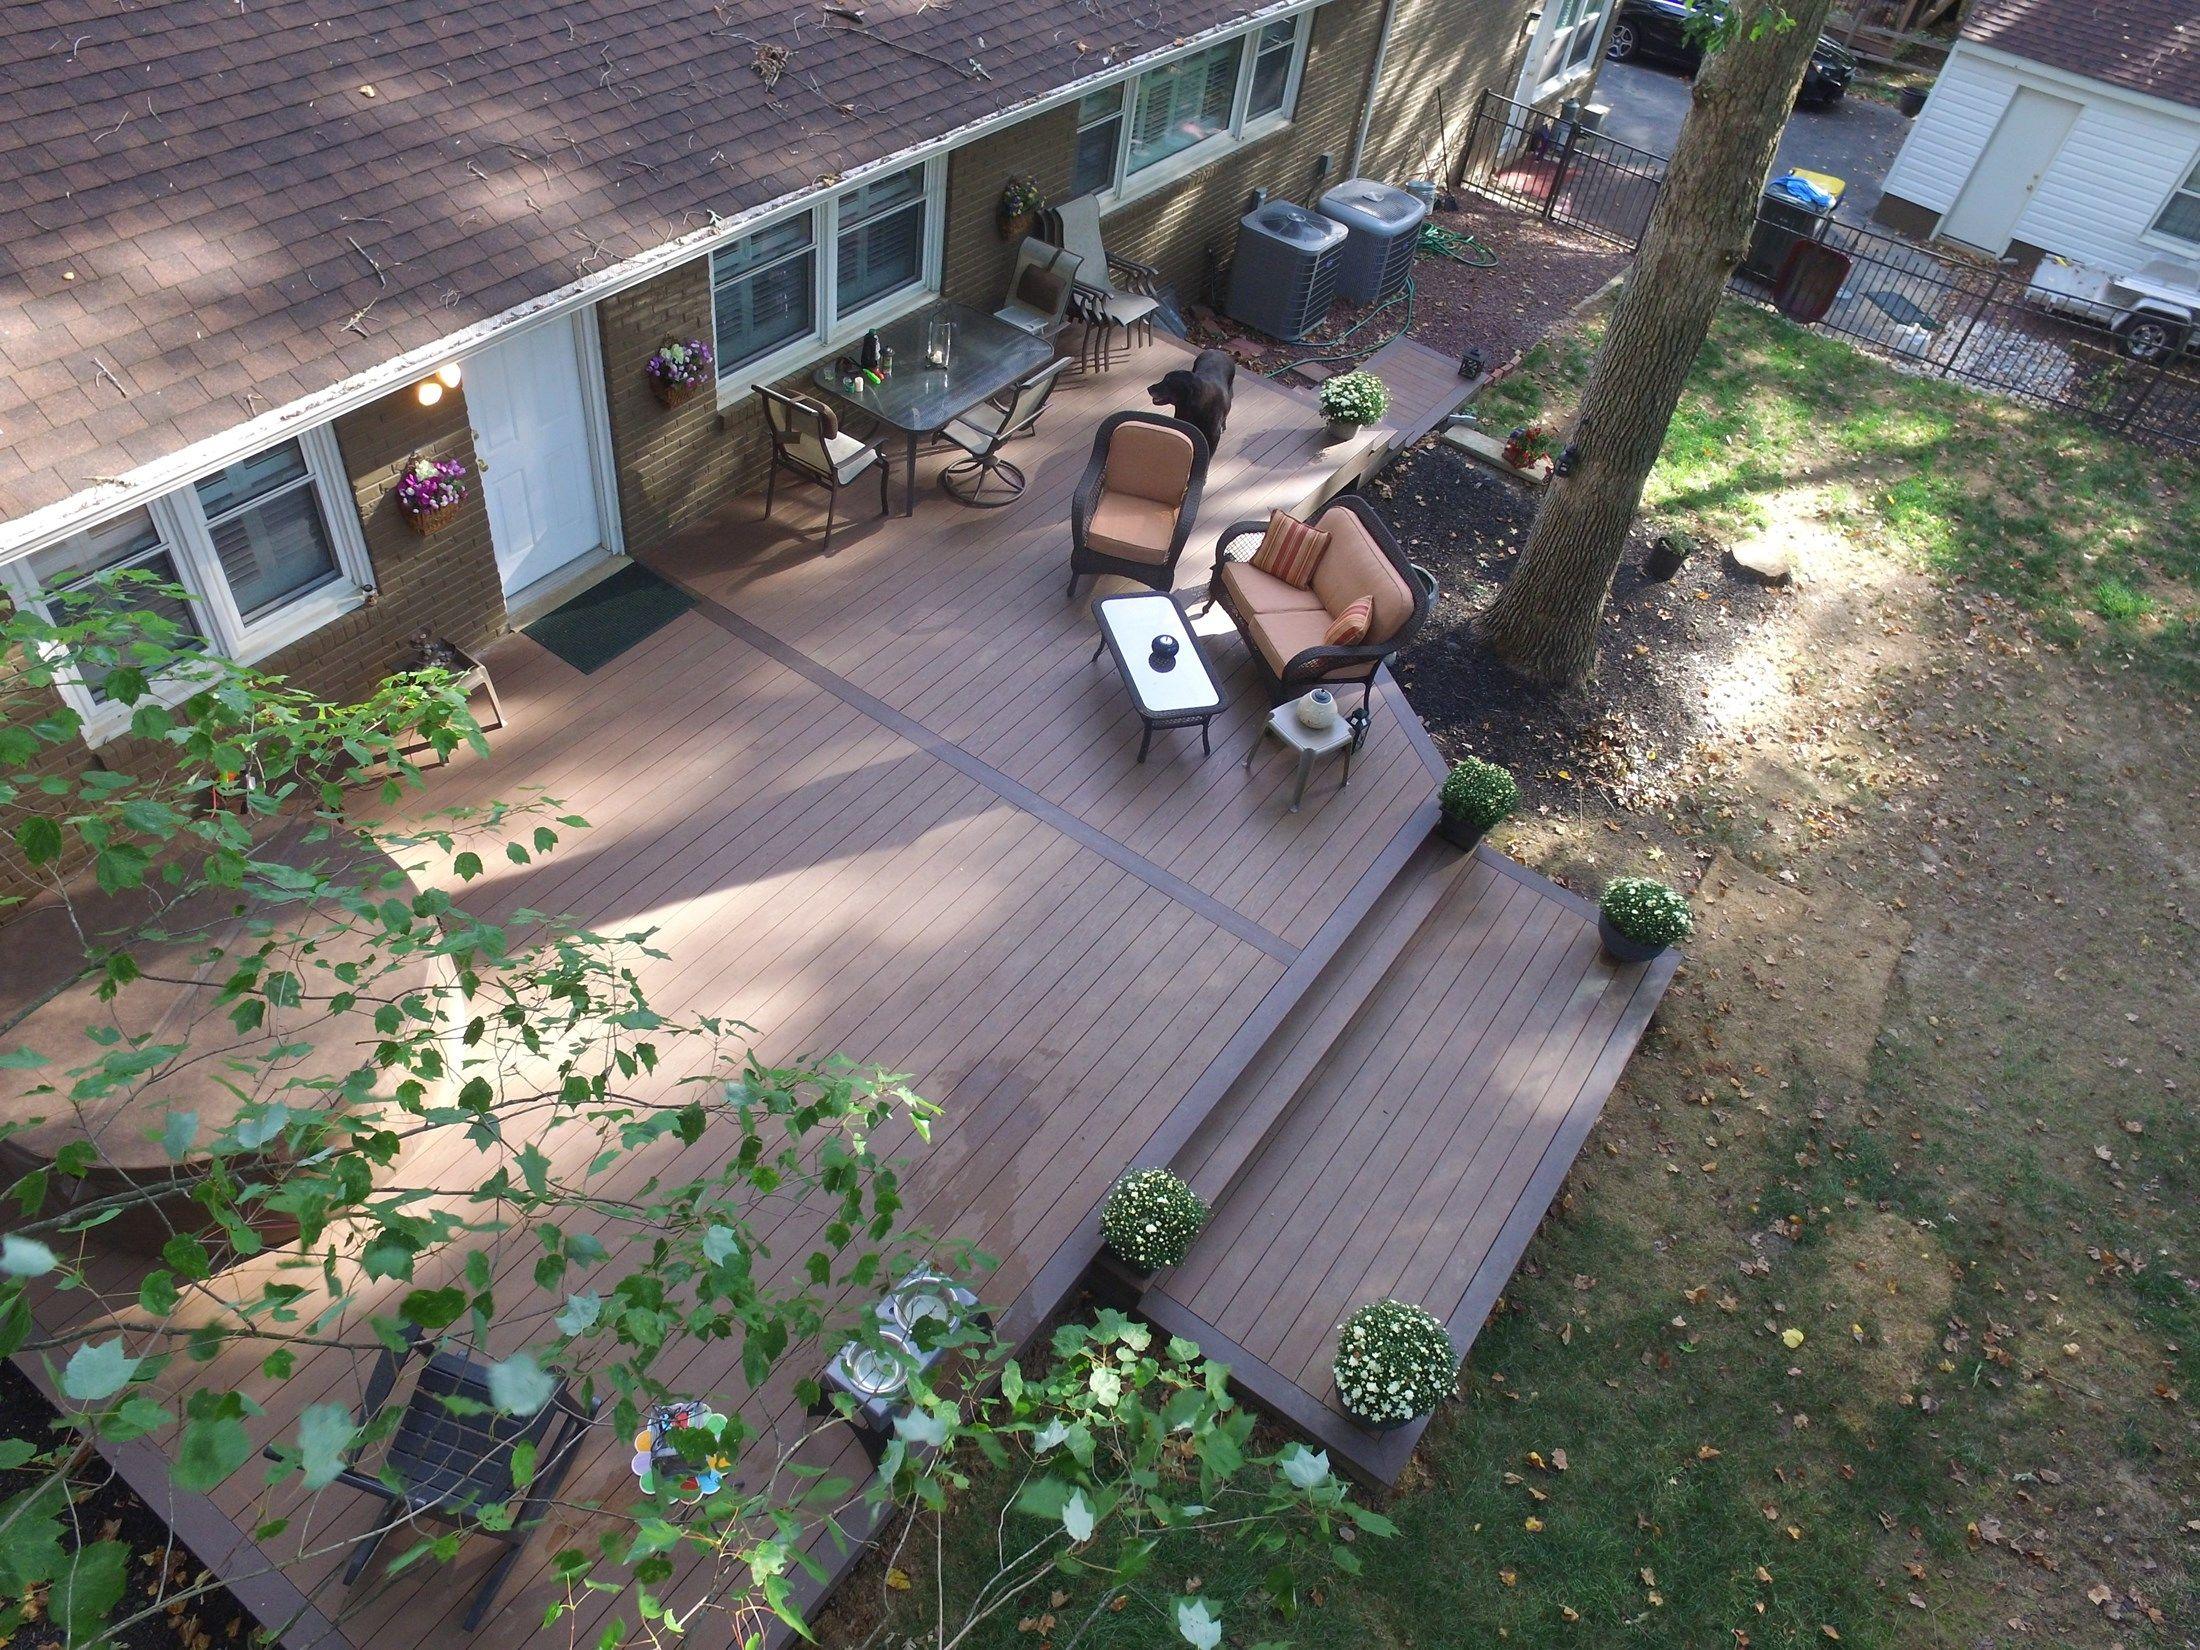 Timbertech Terrain Deck - Picture 6520